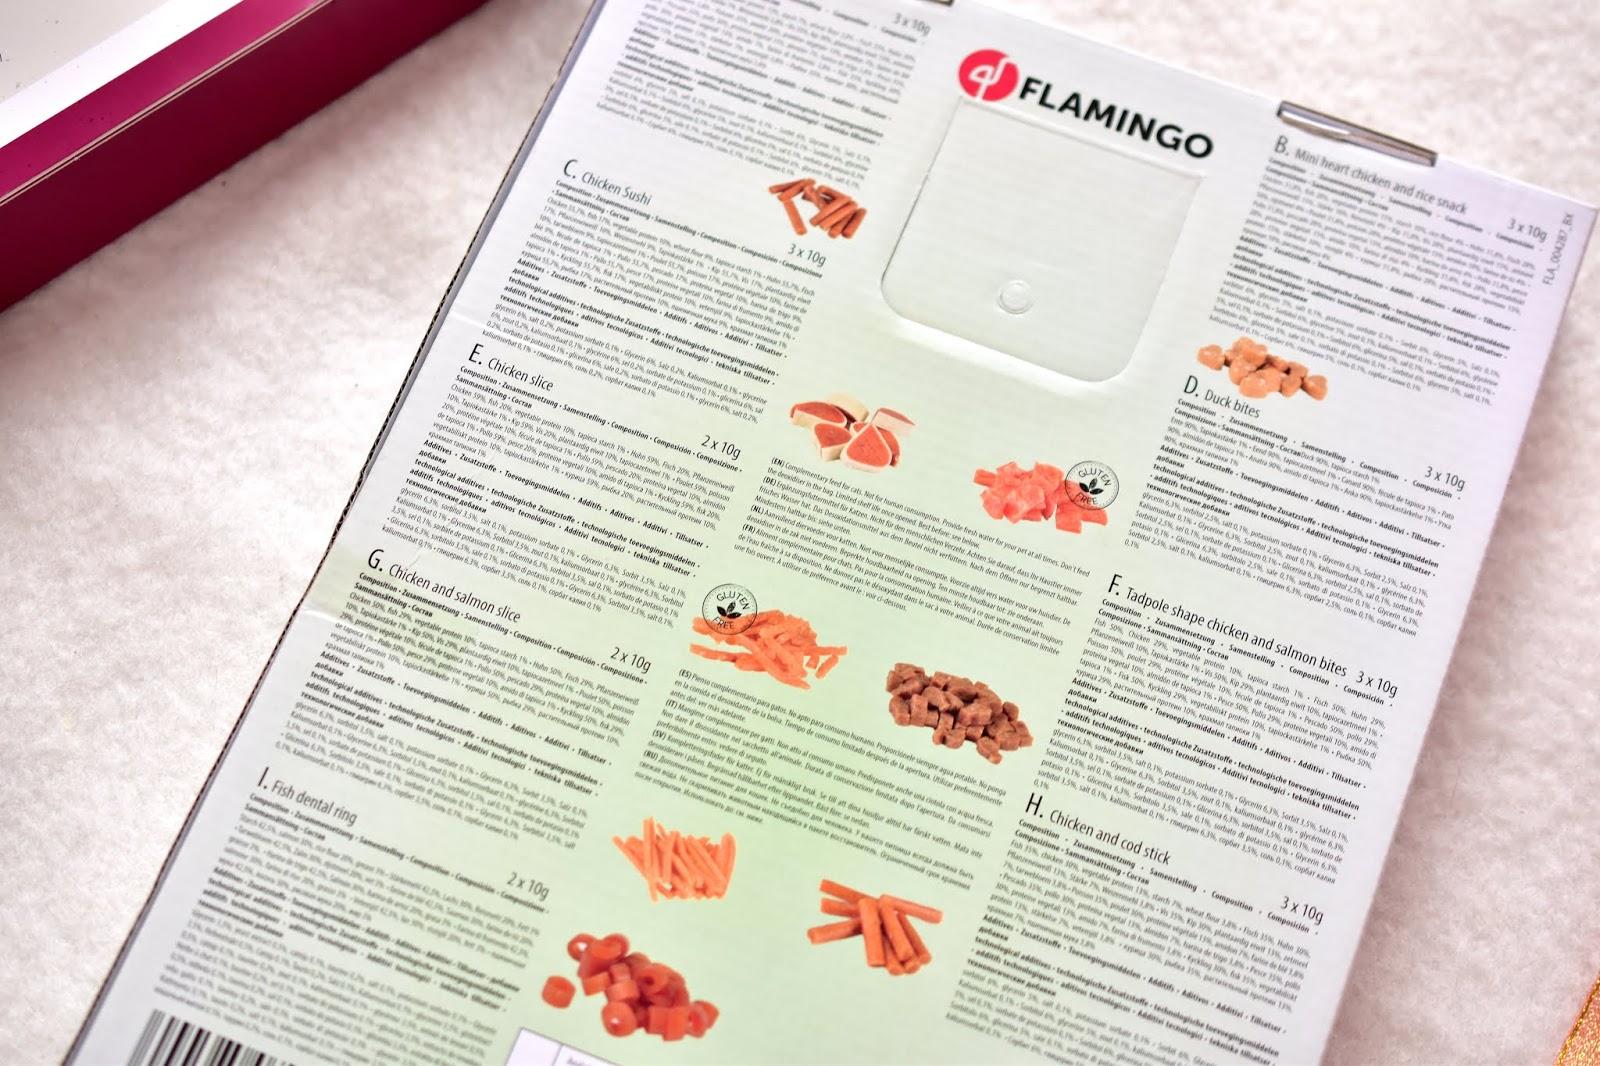 Flamingo adventný kalendár